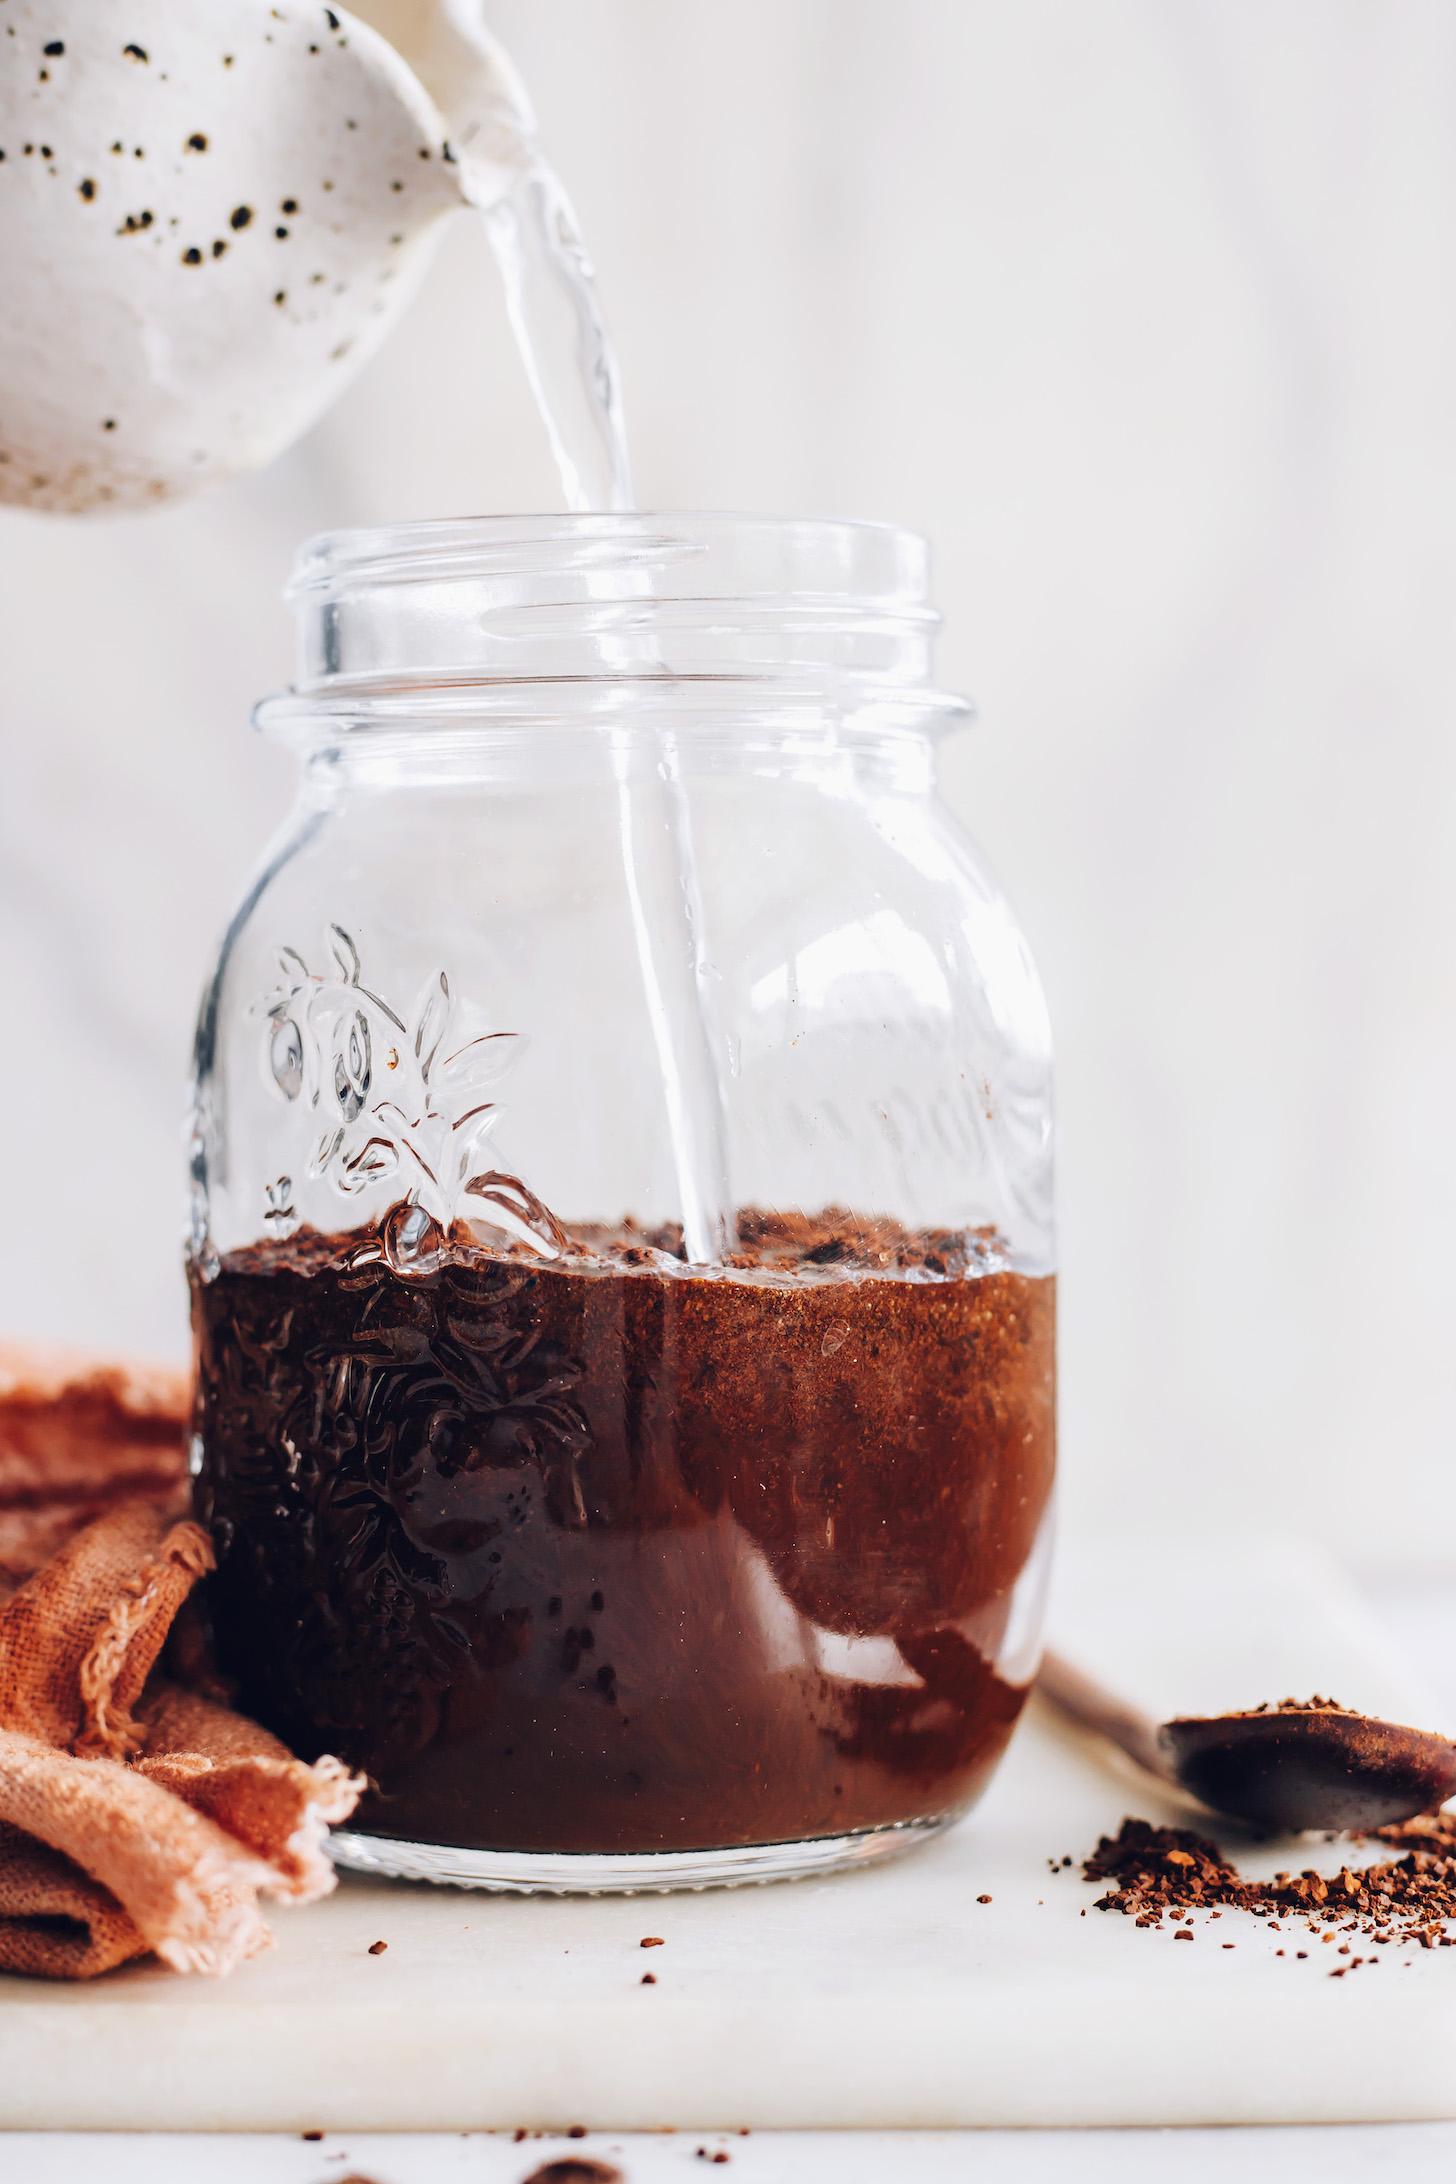 Soğuk demlemek için çekilmiş kahvenin üzerine su dökmek